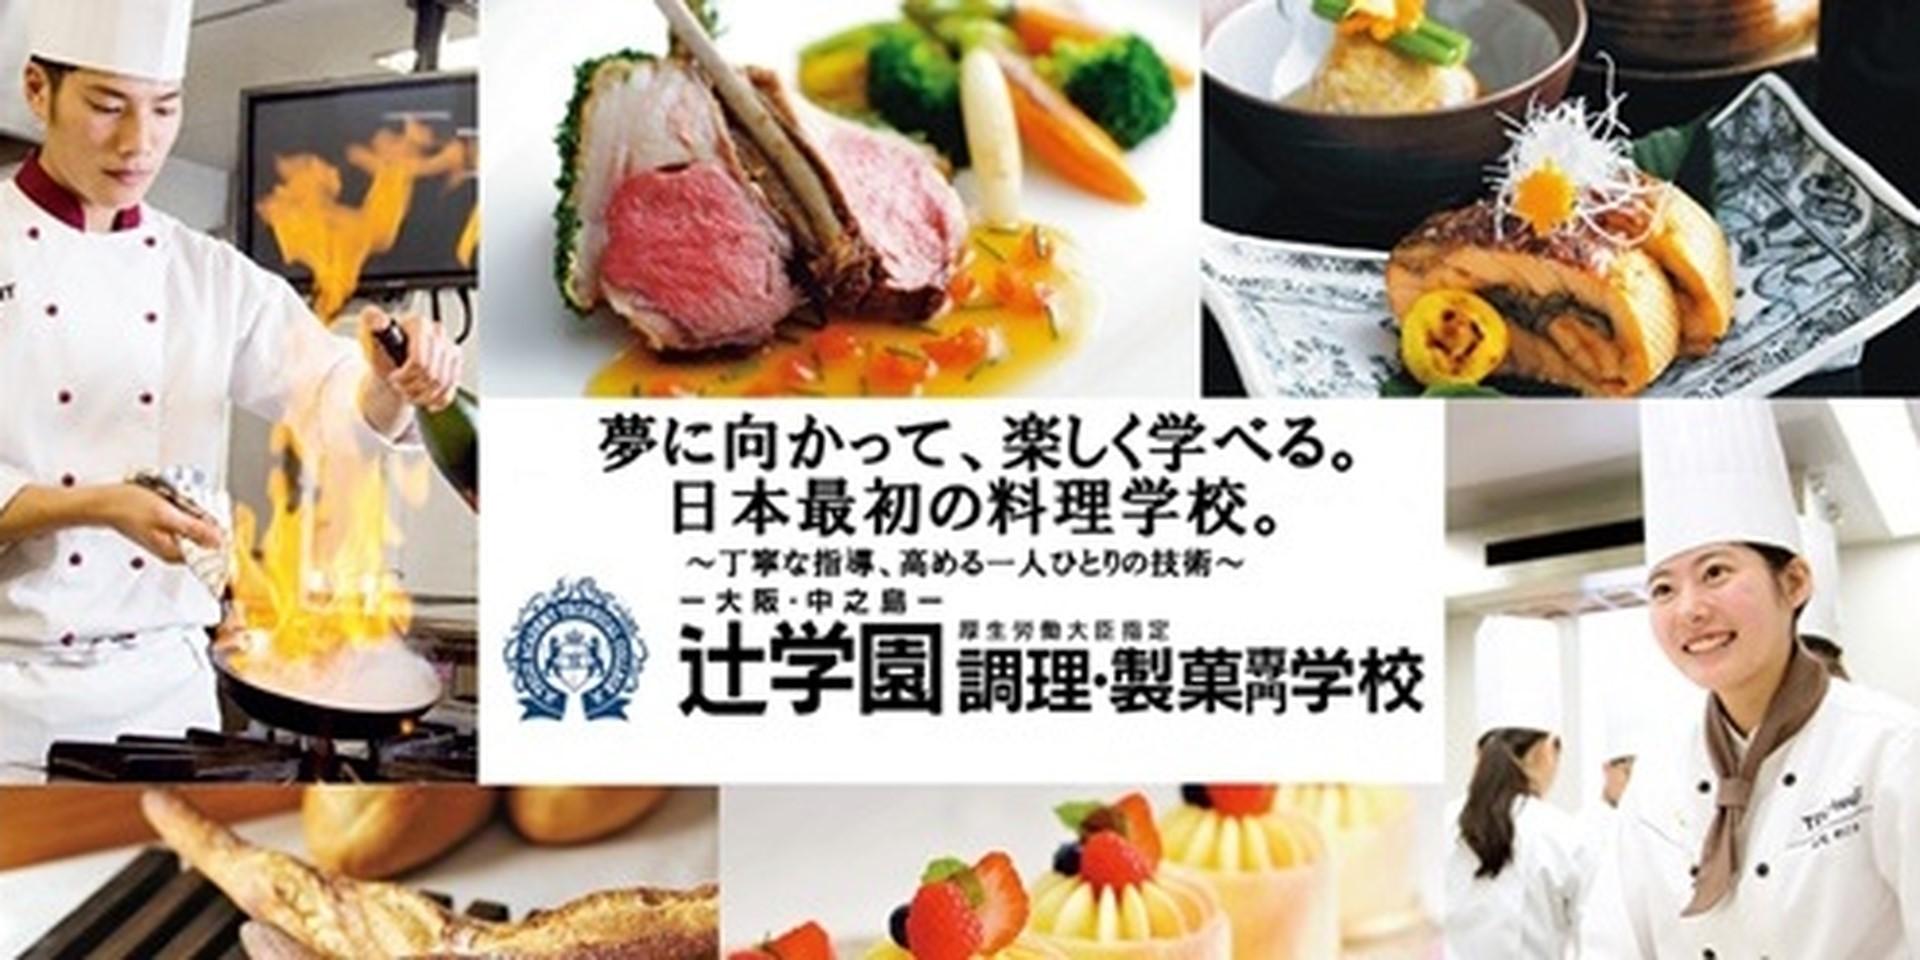 辻学園 調理・製菓専門学校